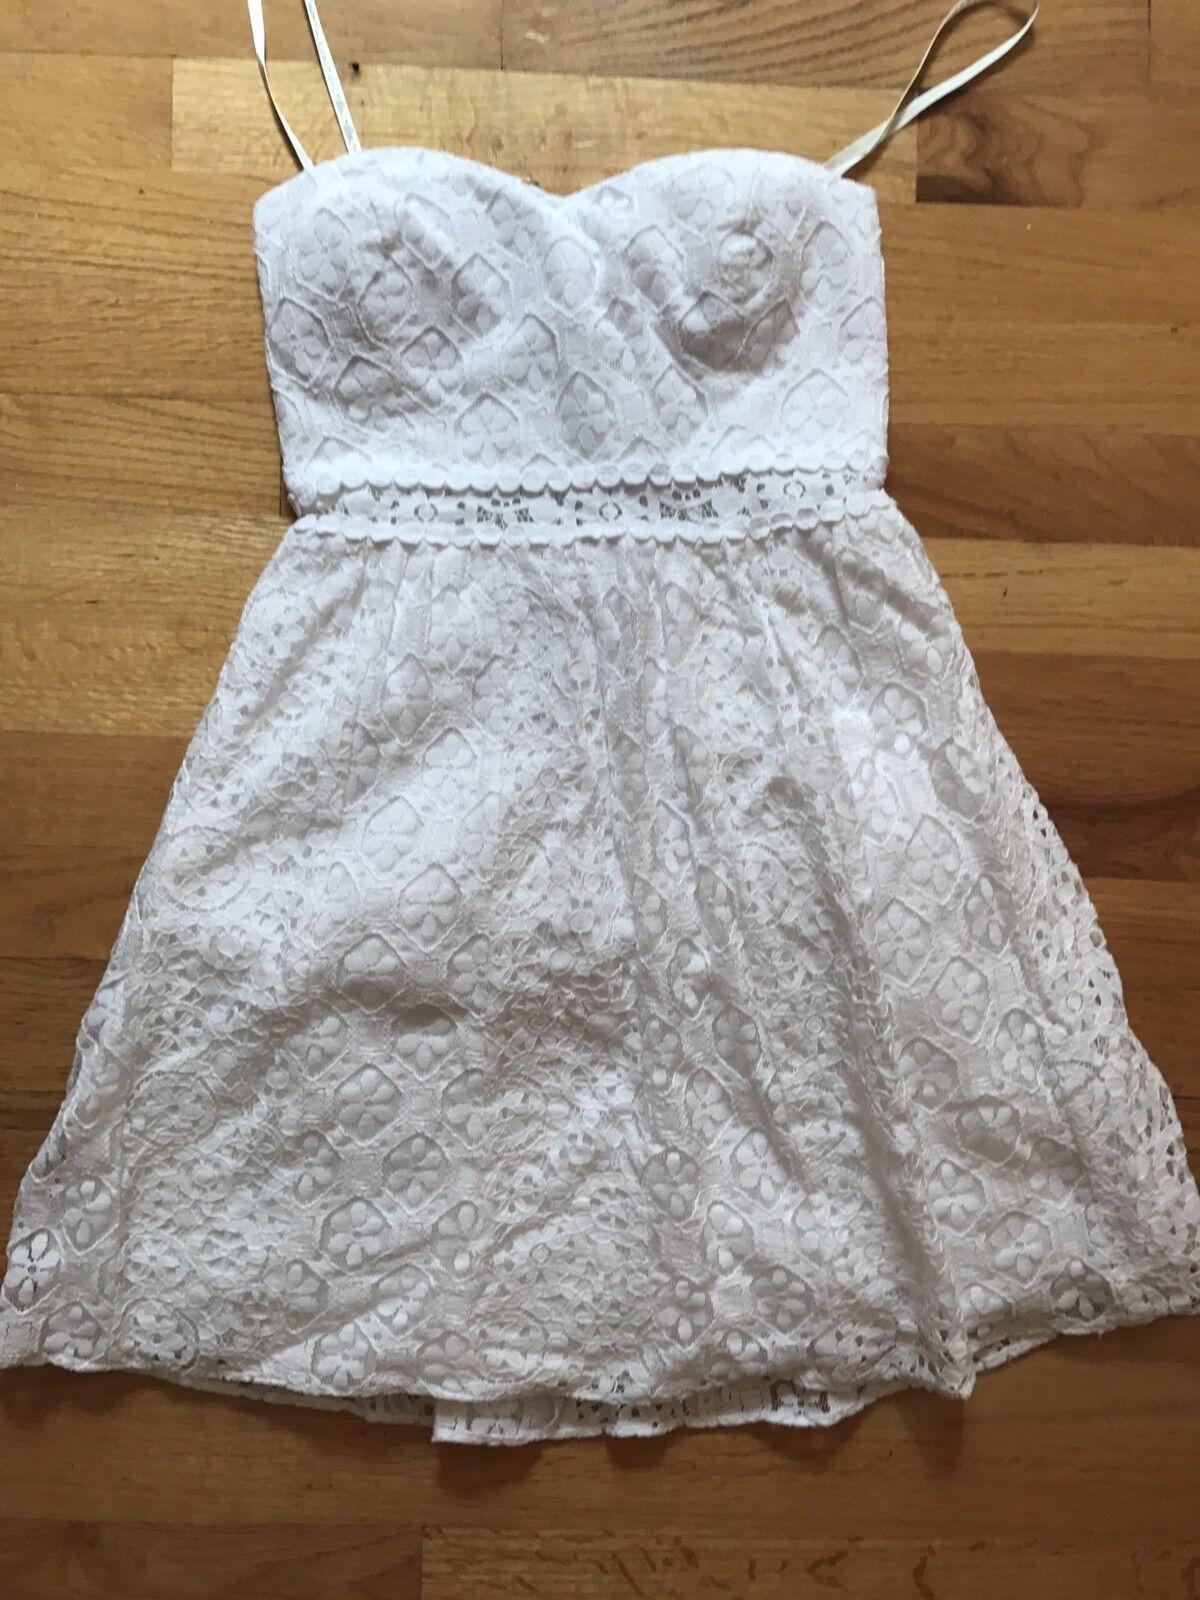 Lily Pulitzer Weiß Strapless Dress, Brett Dress, XS